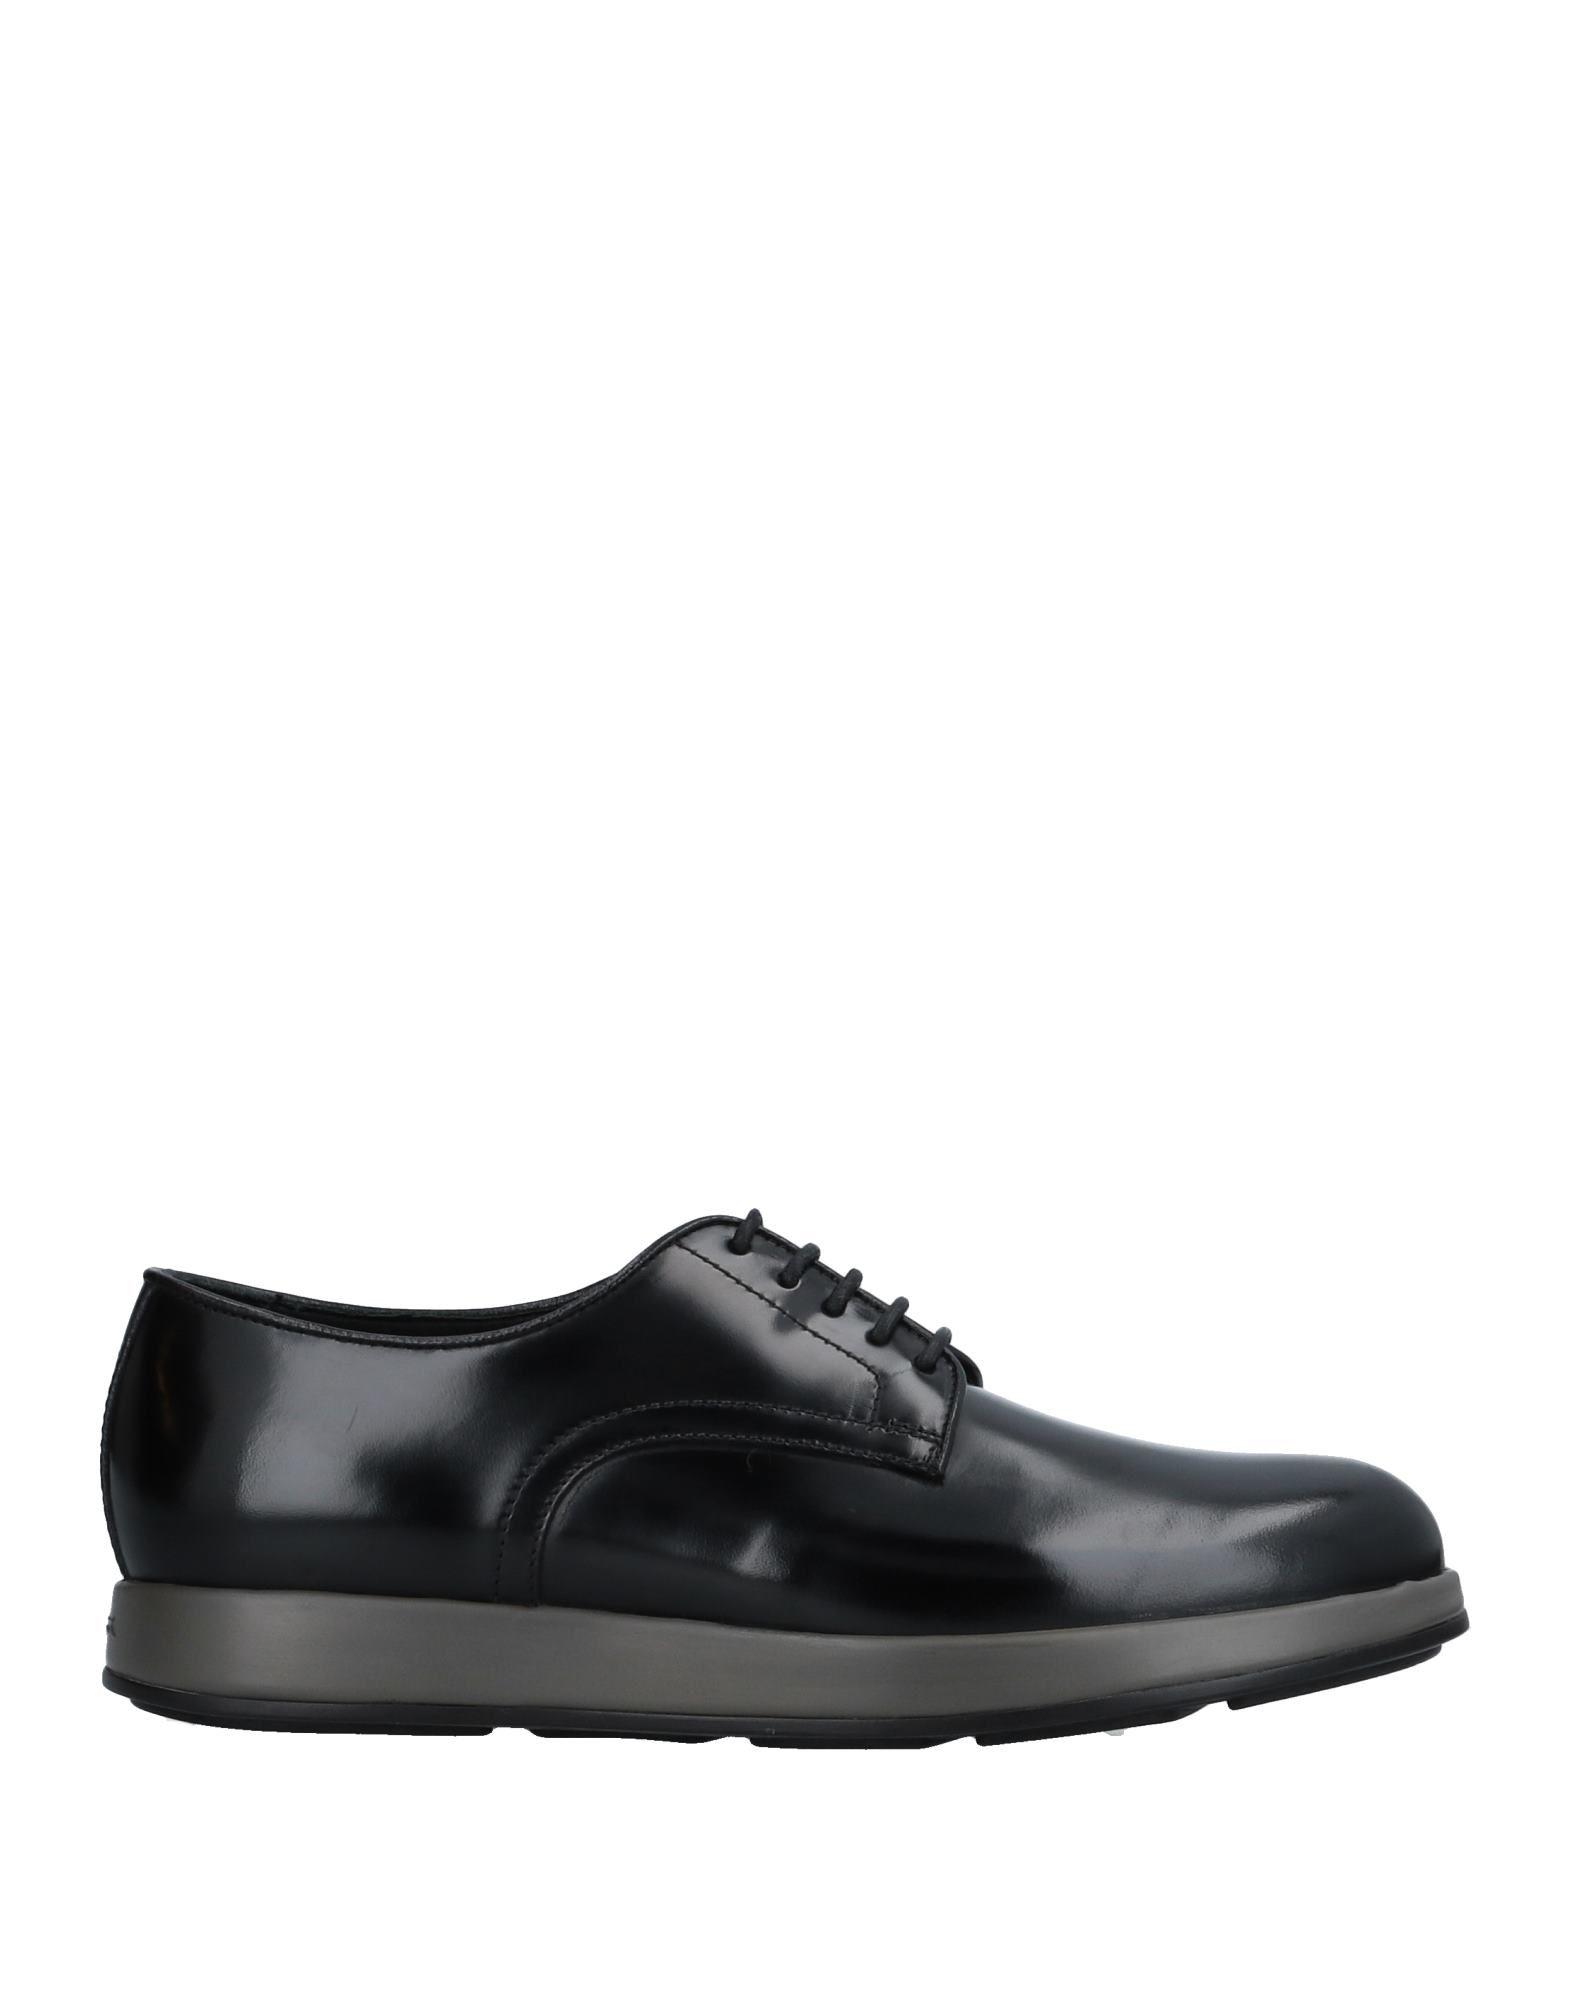 Sneakers Colmar Donna - 11139337RR Scarpe economiche e buone